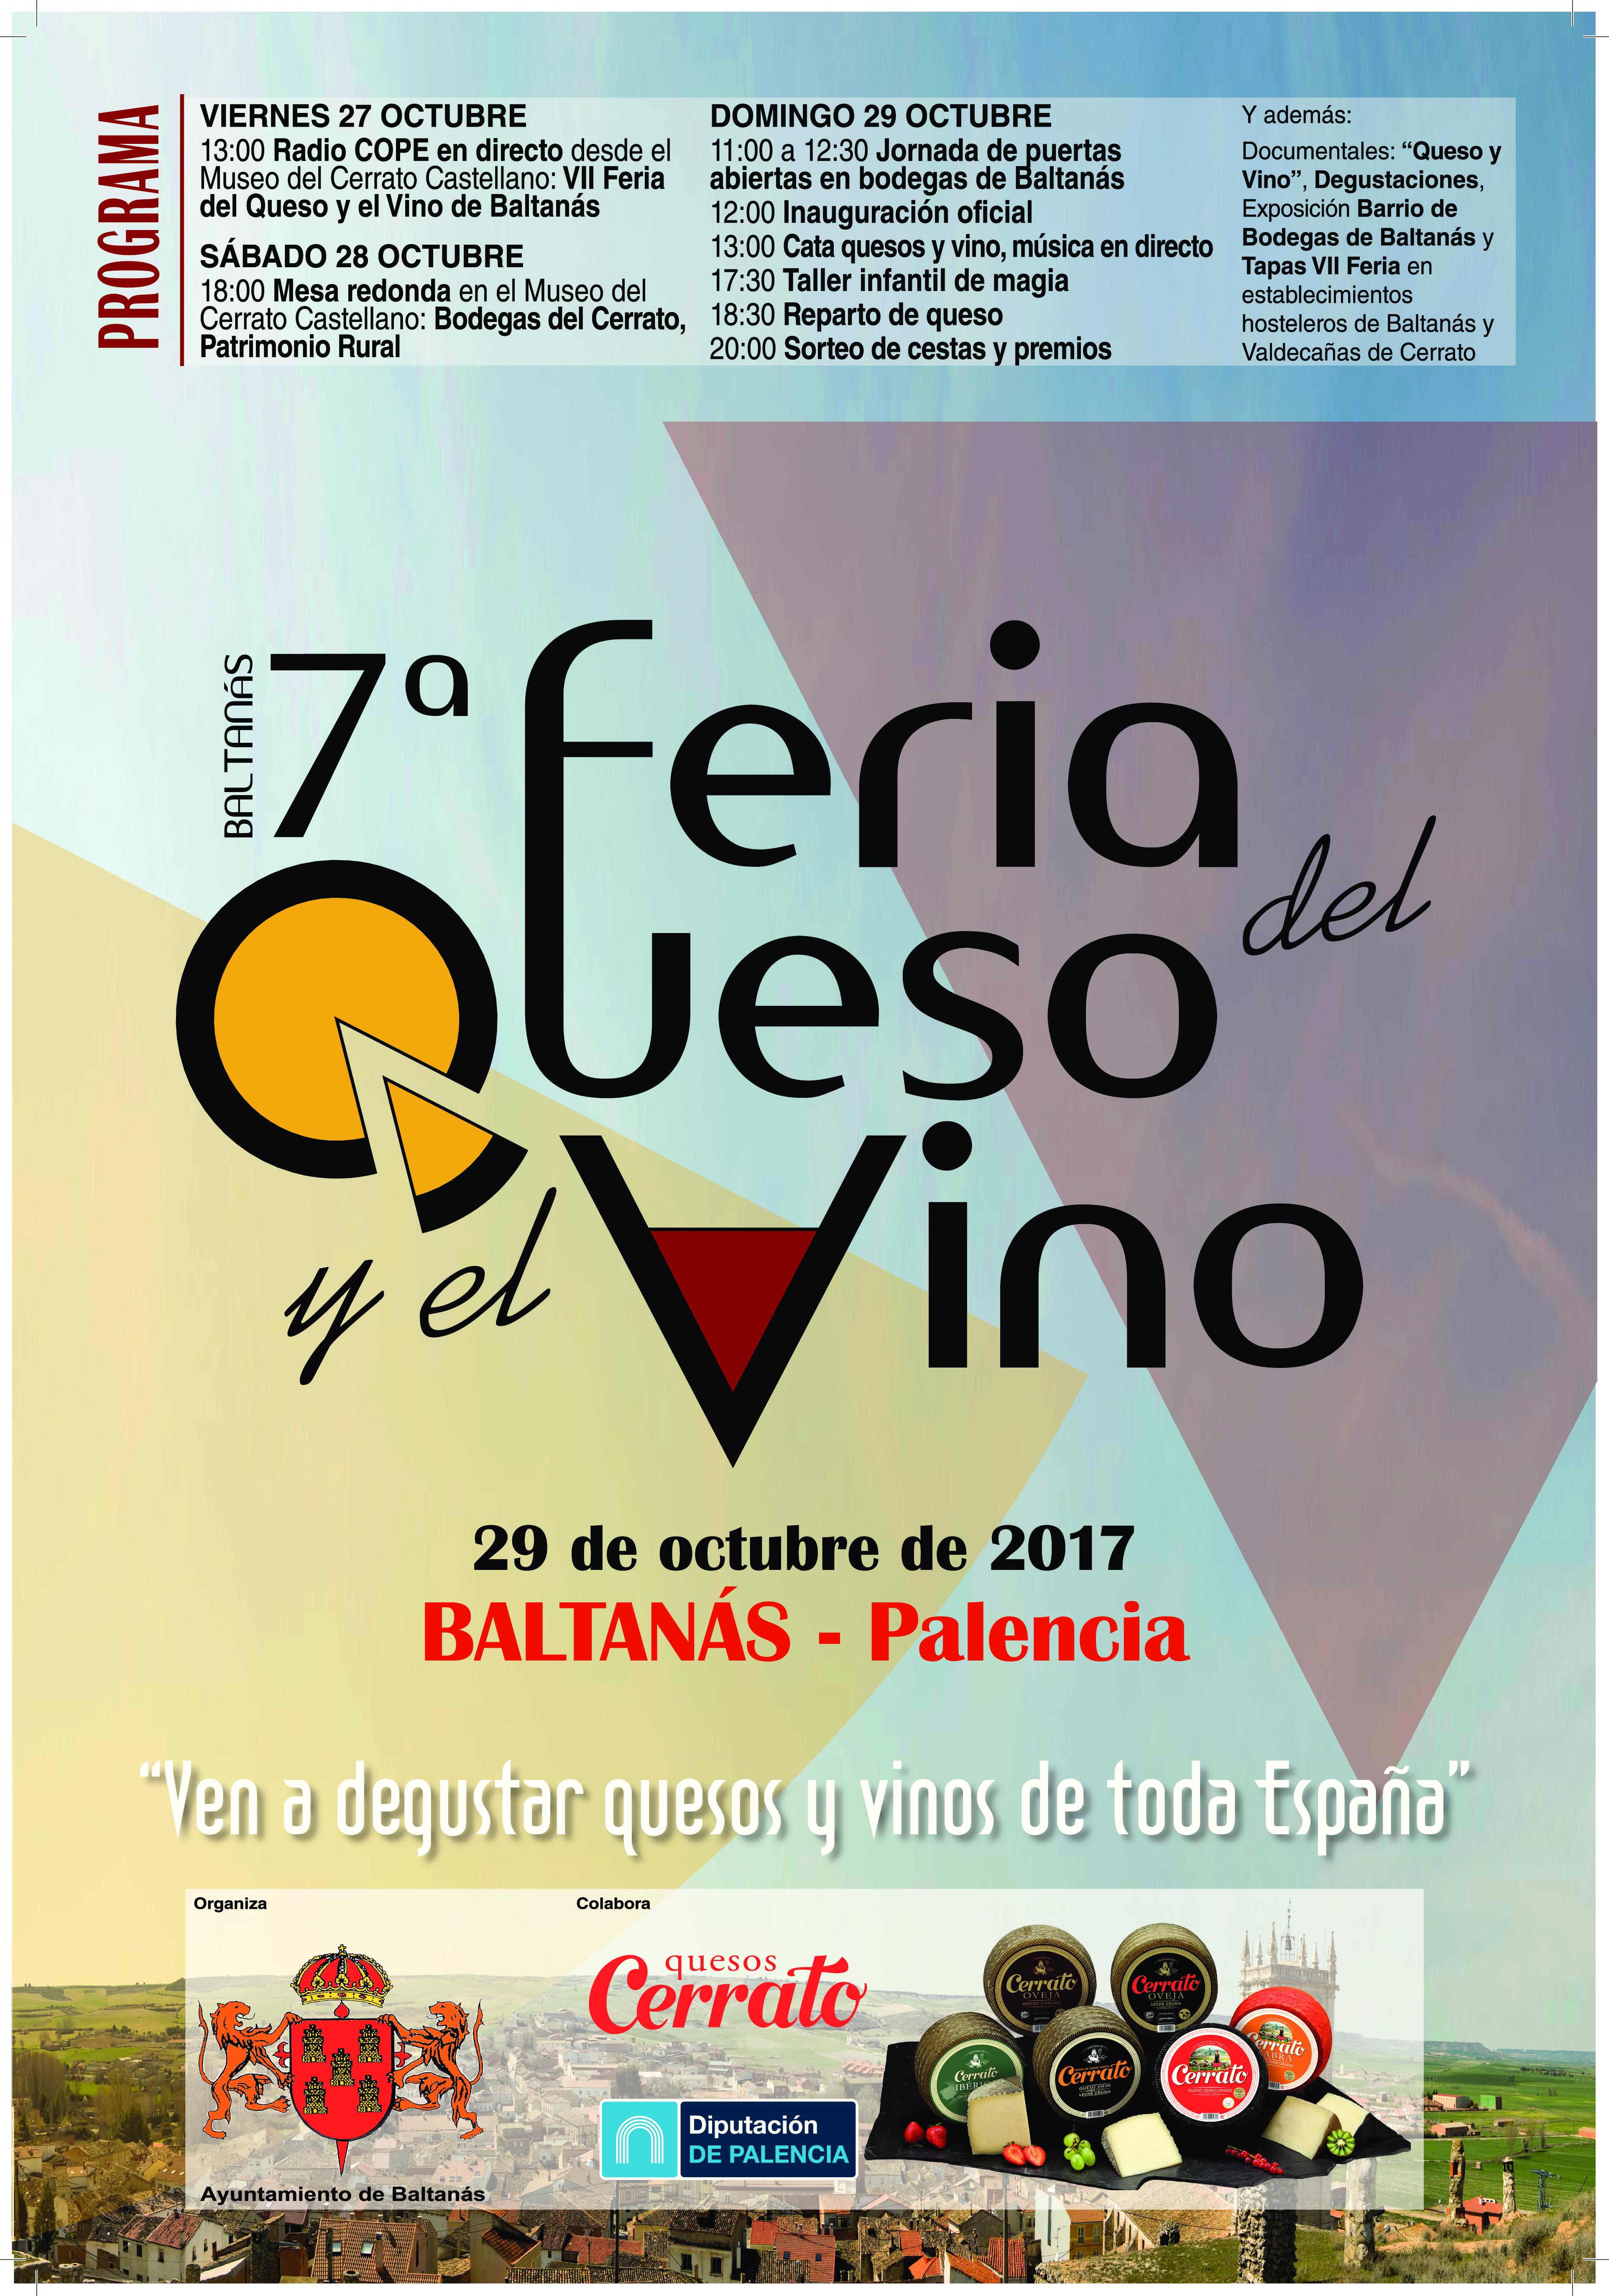 VII Feria del Queso y del Vino 2017